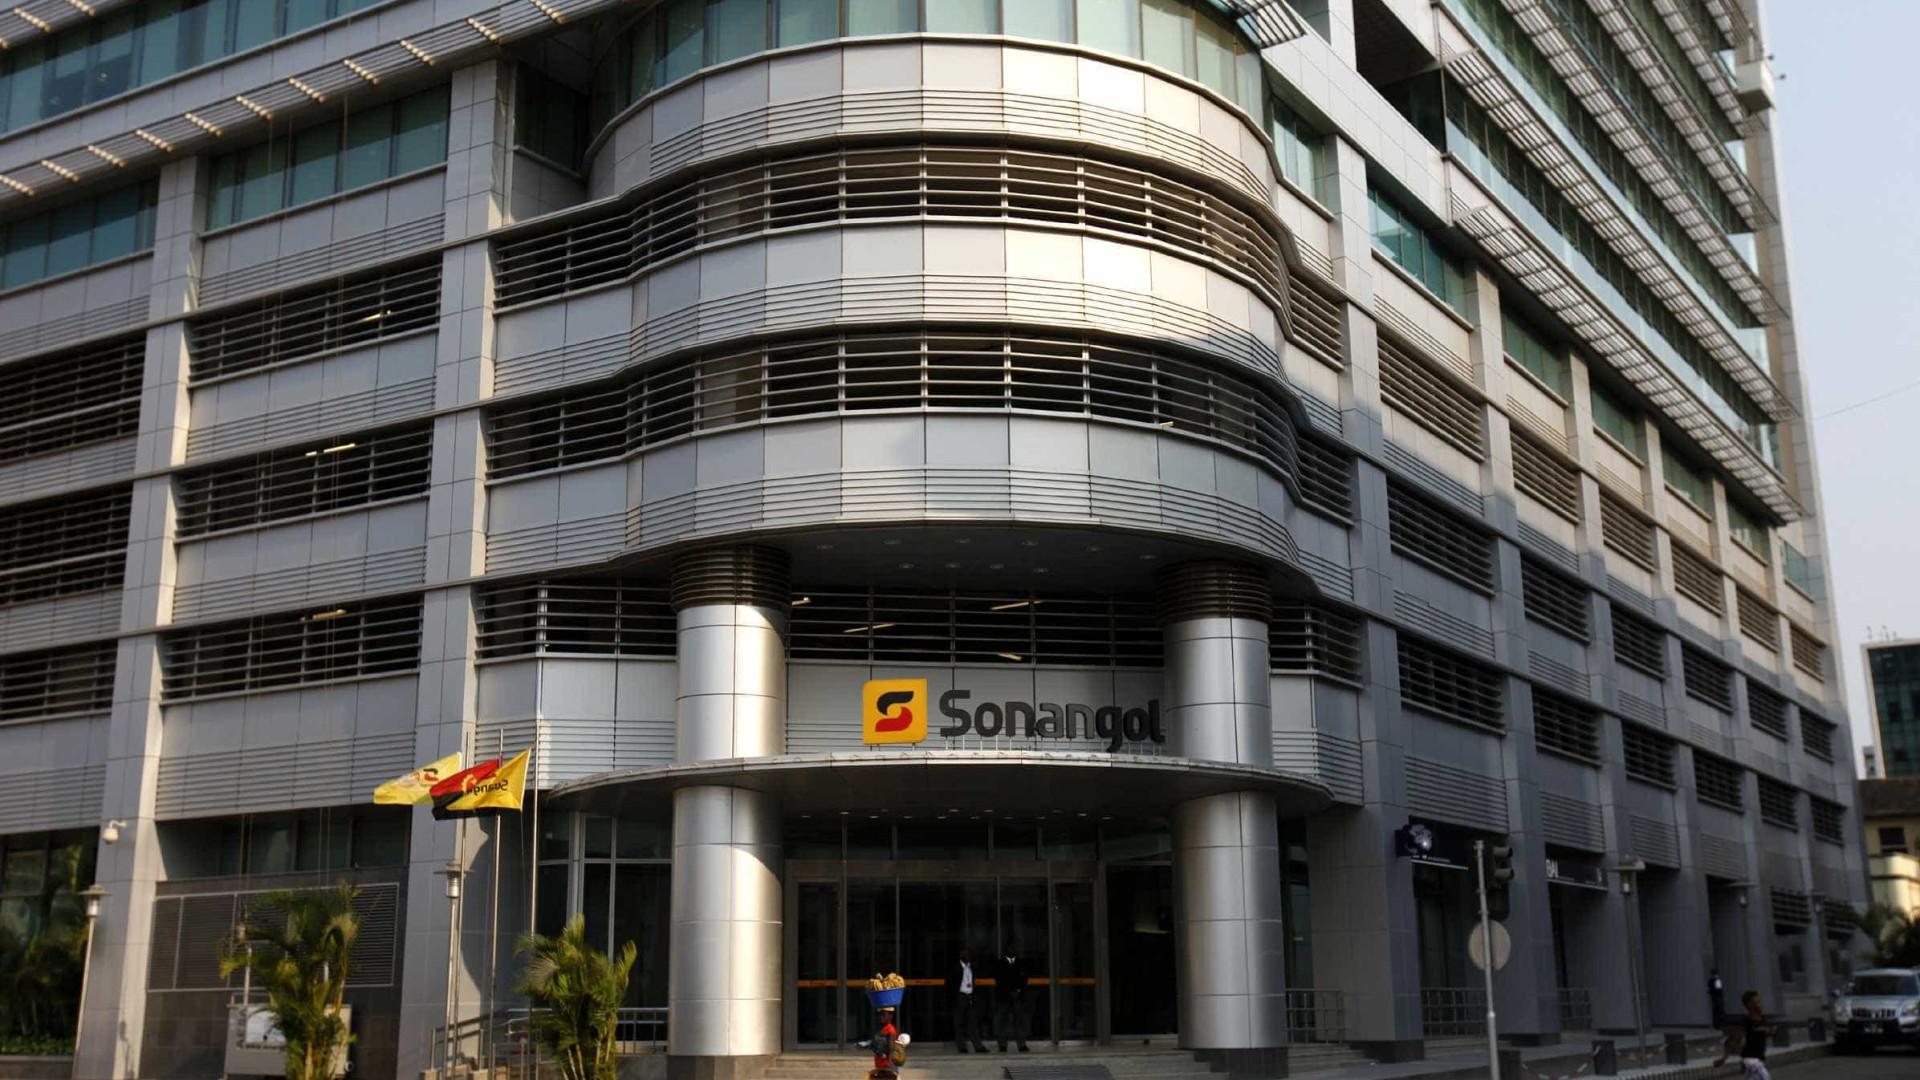 Polícia investiga possível disparo à sede da petrolífera Sonangol